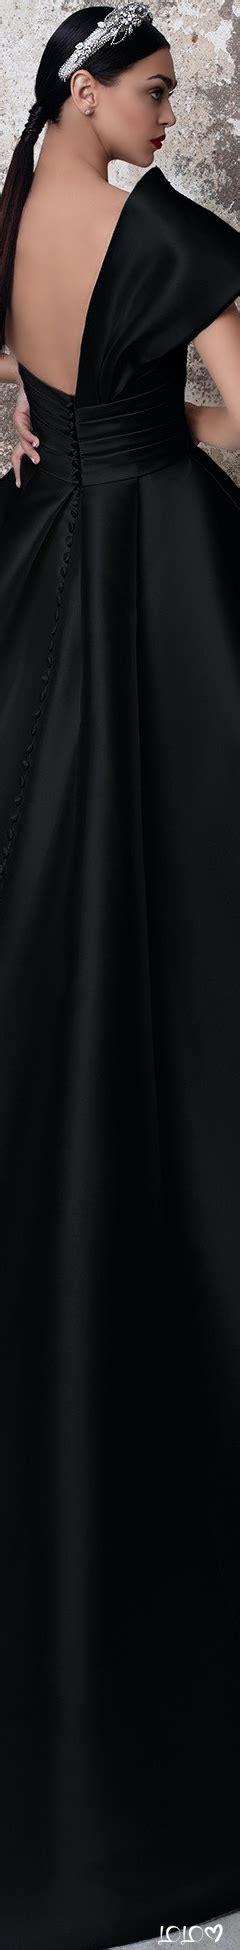 Zhenya Katava Zhenyakatava En 2020 Avec Images